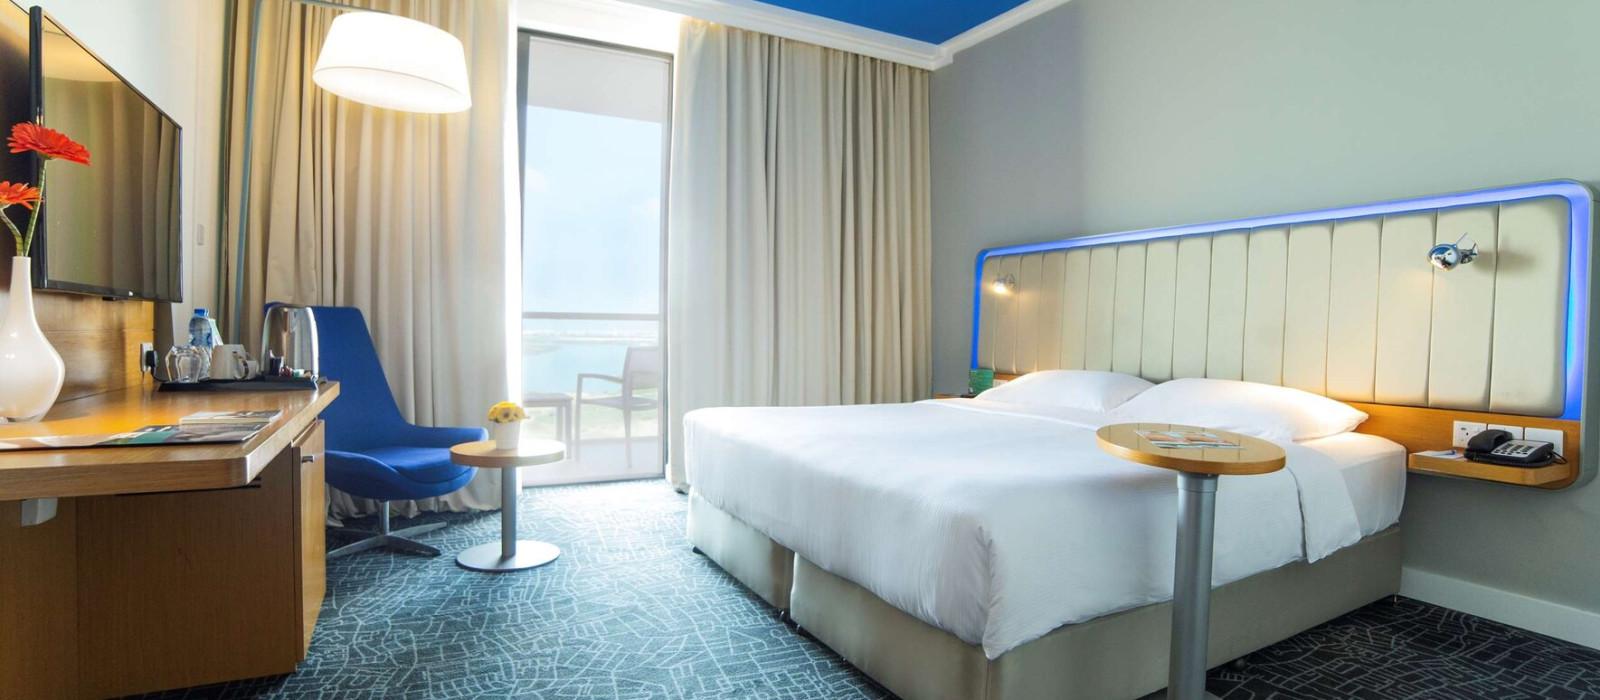 Hotel Park Inn by Radisson Abu Dhabi, Yas Island